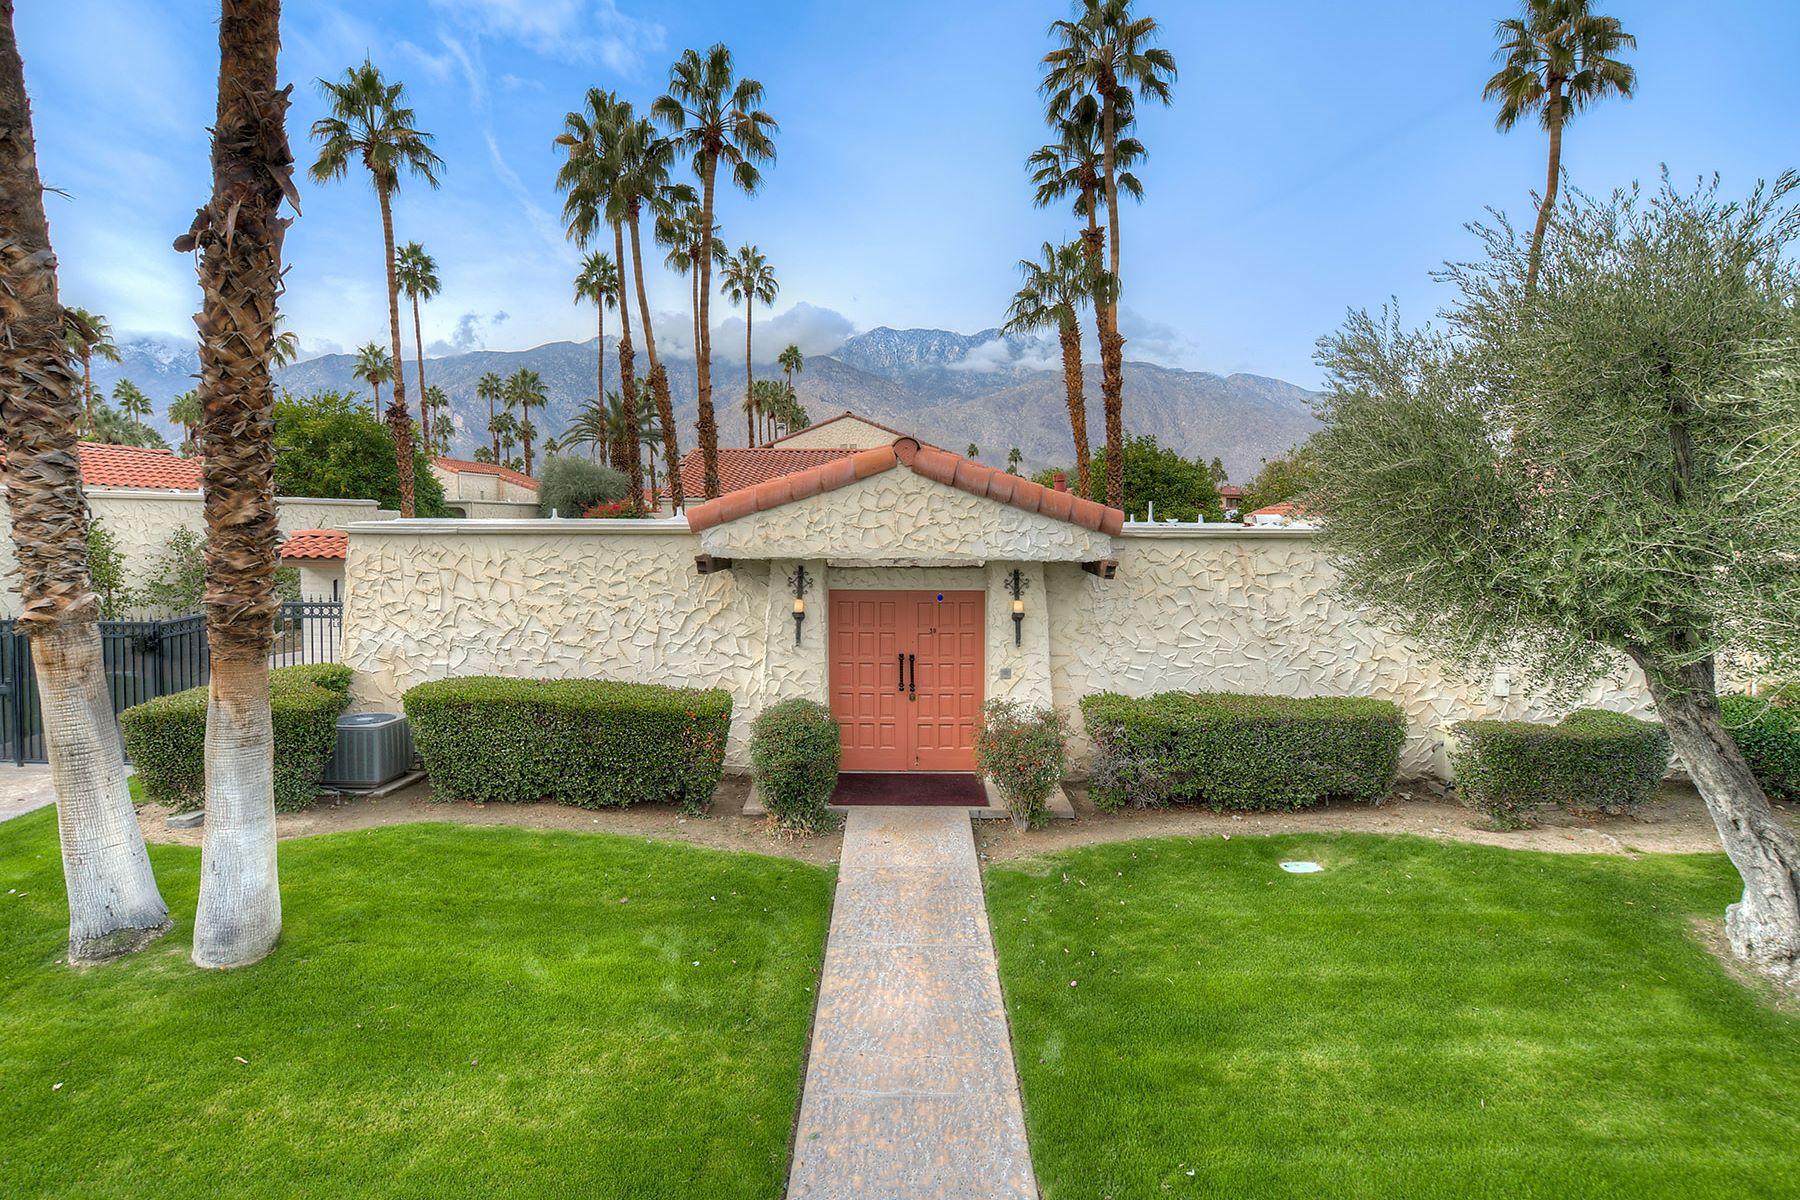 Copropriété pour l Vente à 1833 Araby Dr # 39 Palm Springs, Californie, 92264 États-Unis